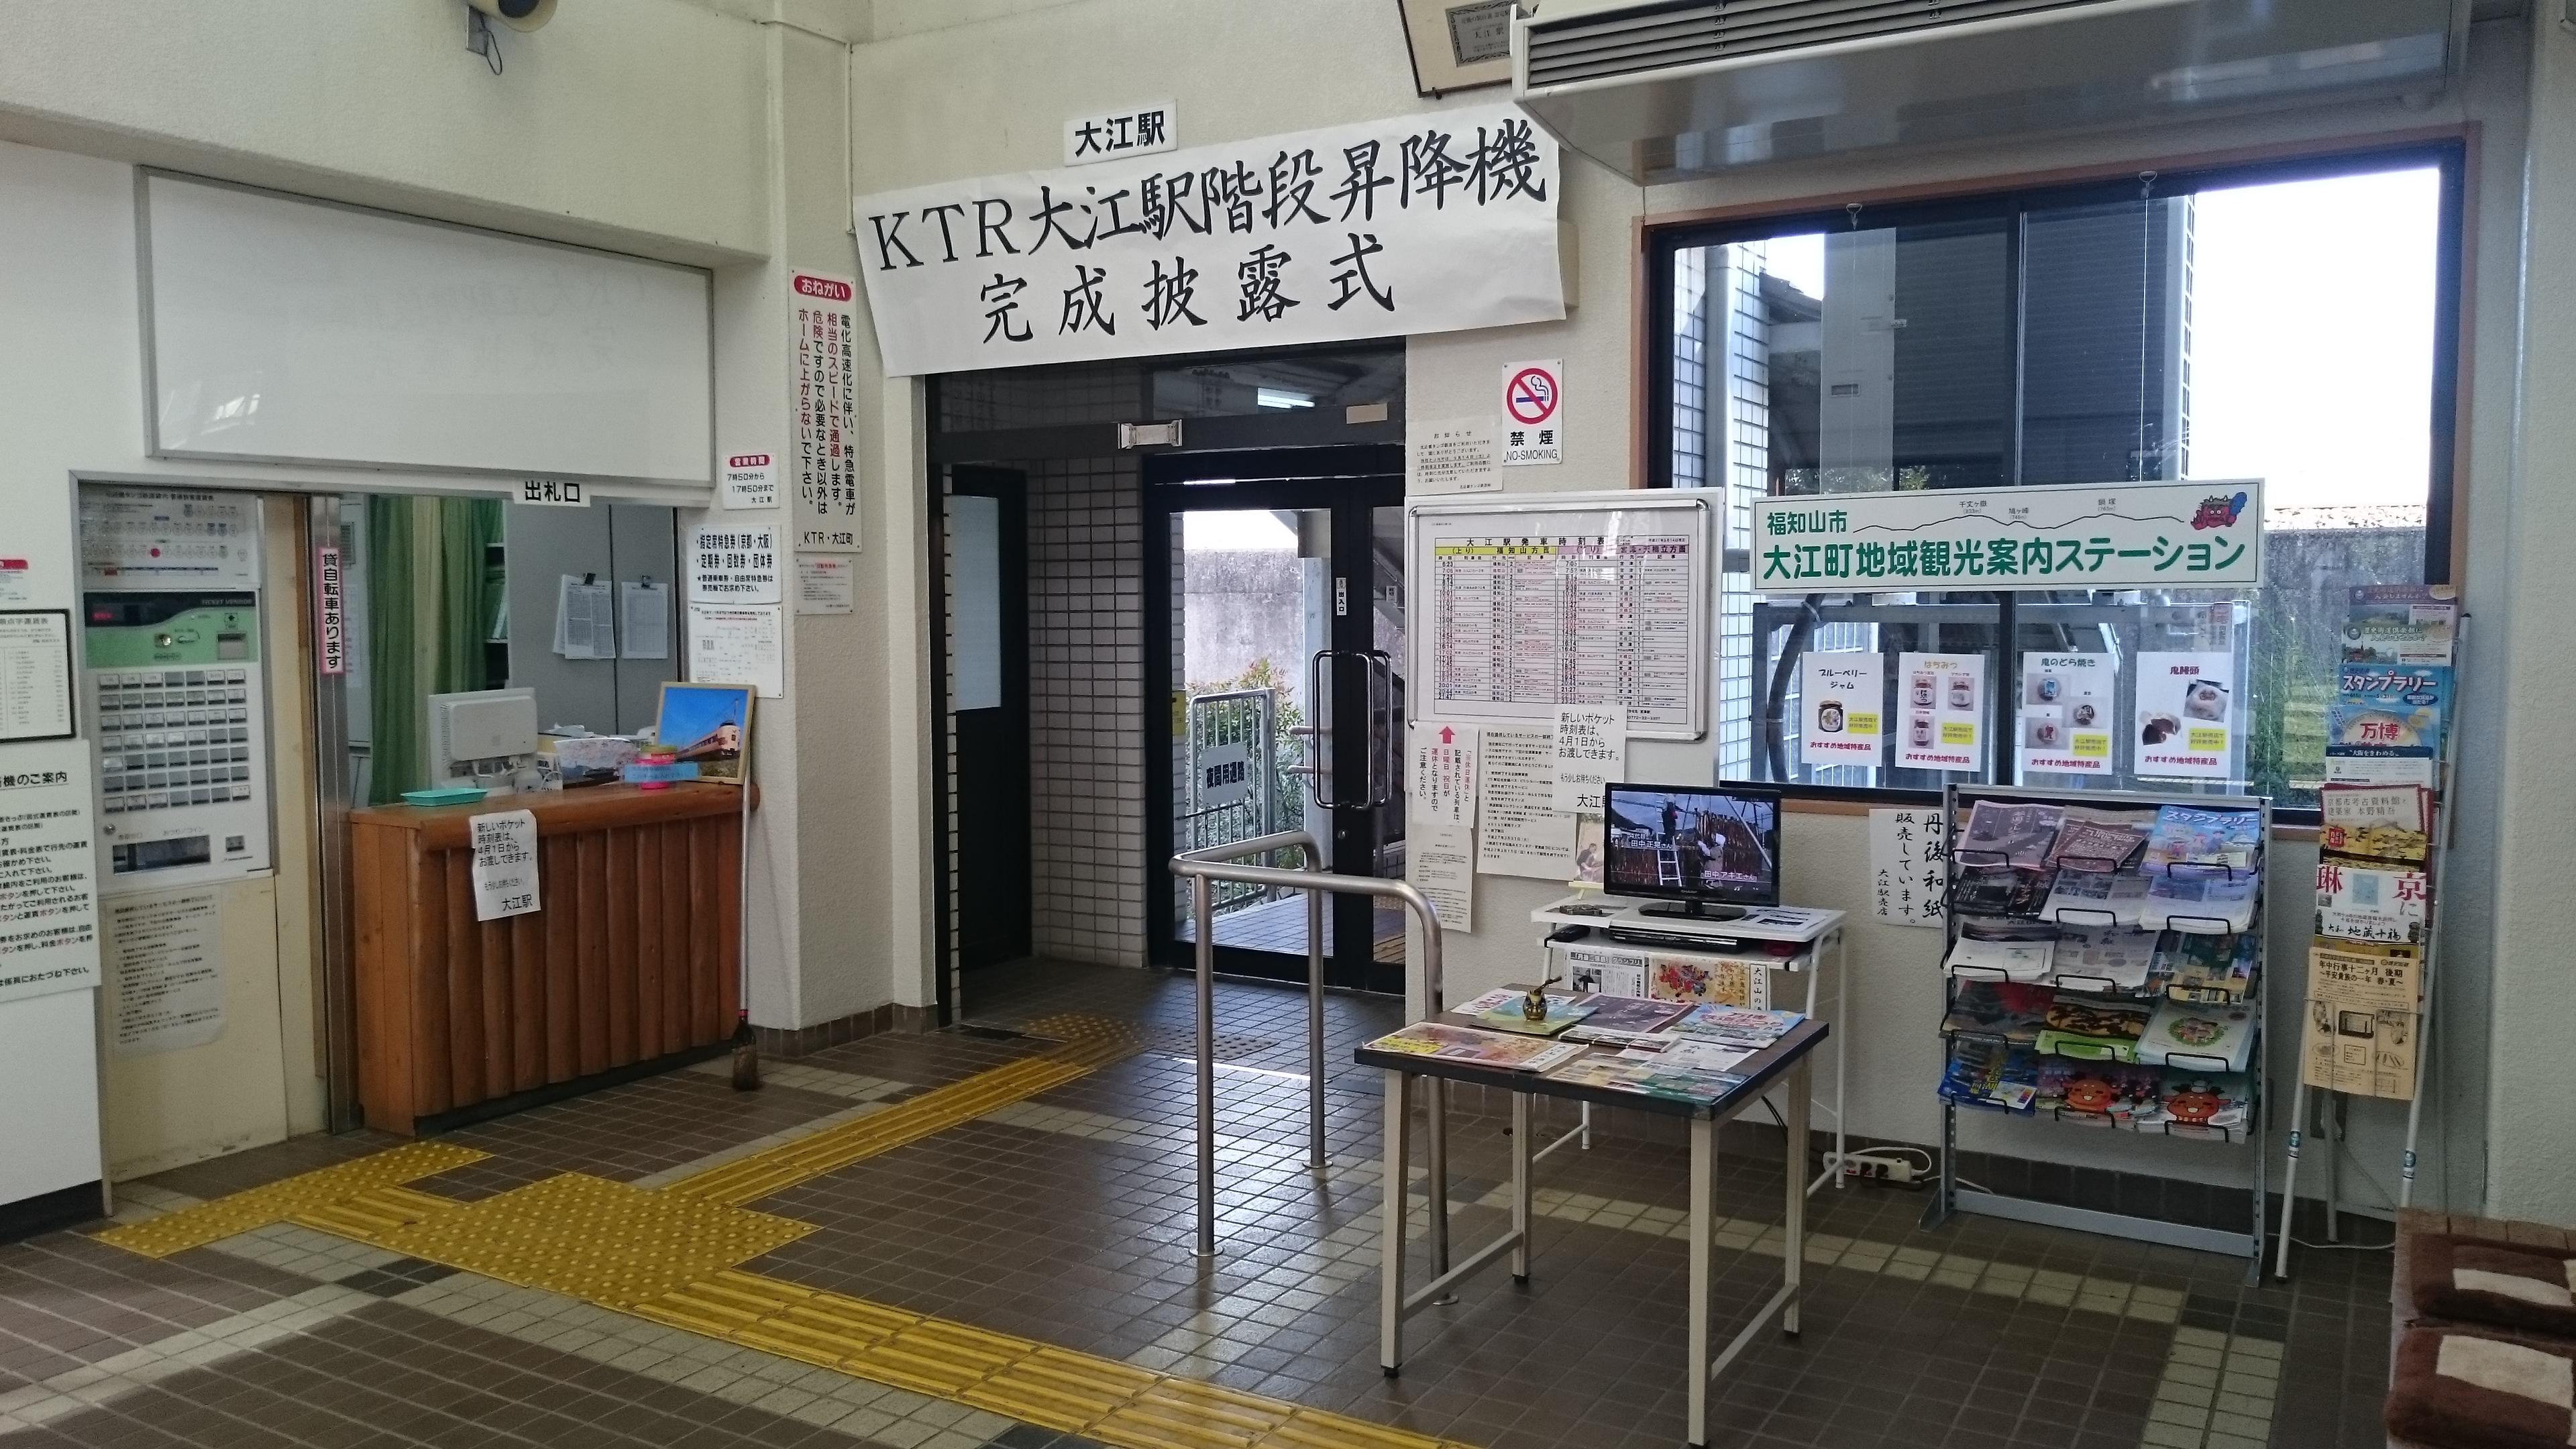 切符売り場の向かいには観光案内所を設置